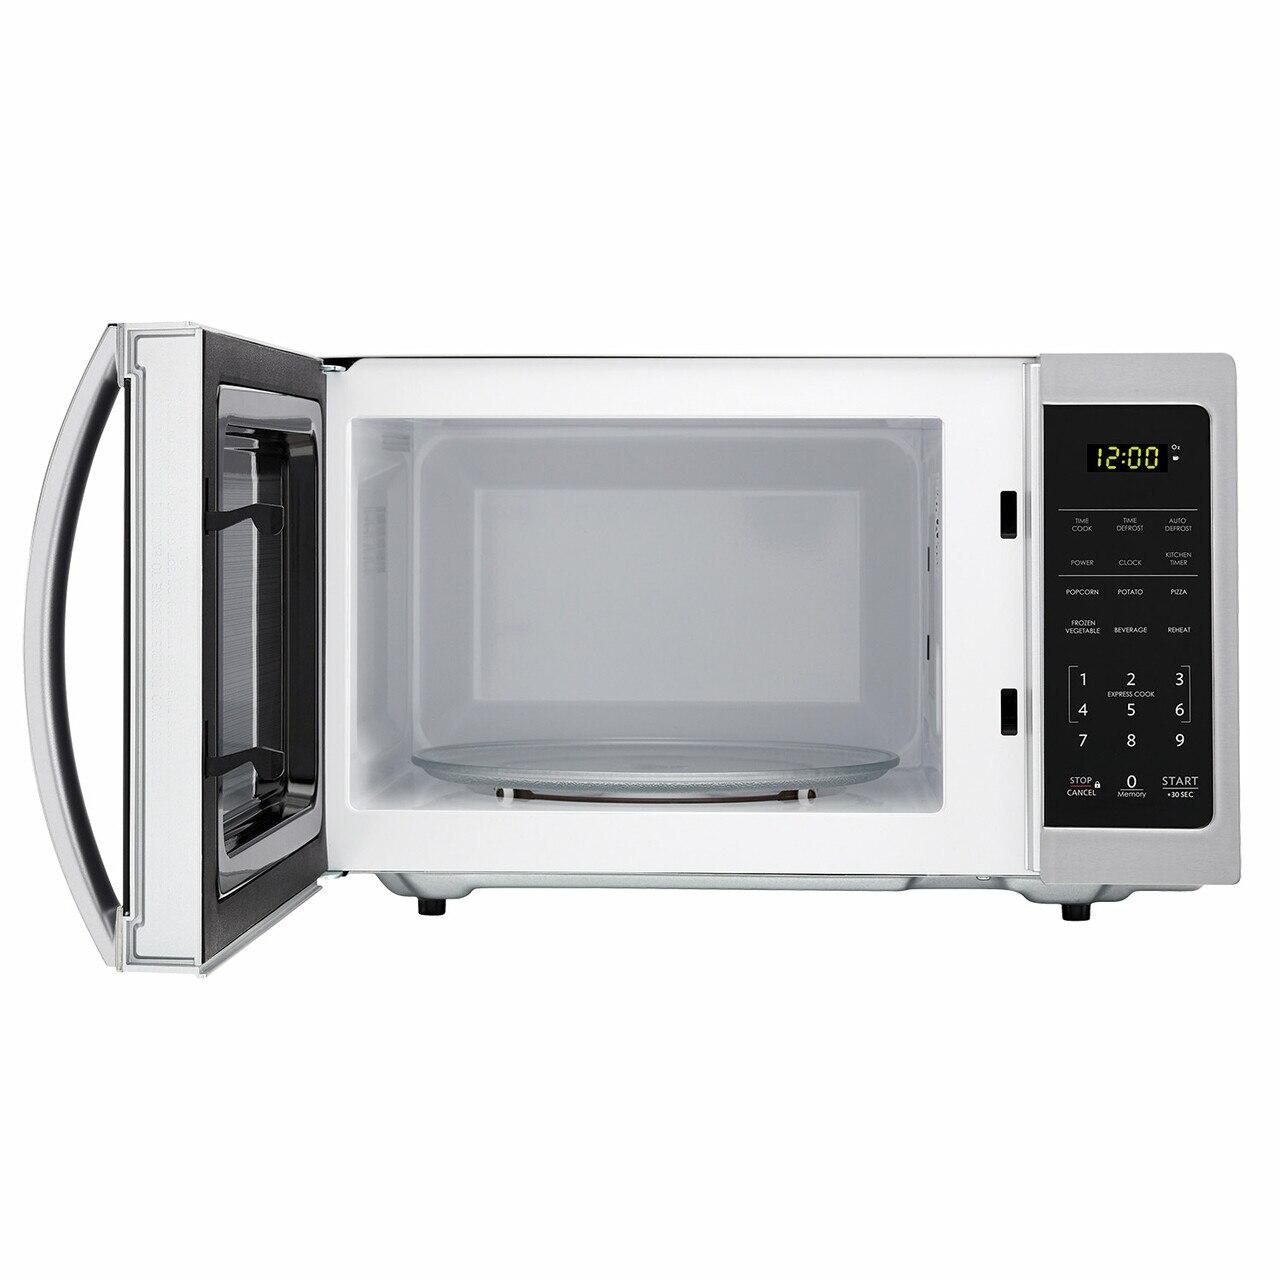 0.7 cu. ft. Sharp Stainless Steel Countertop Microwave (SMC0711BS) – front view with door open